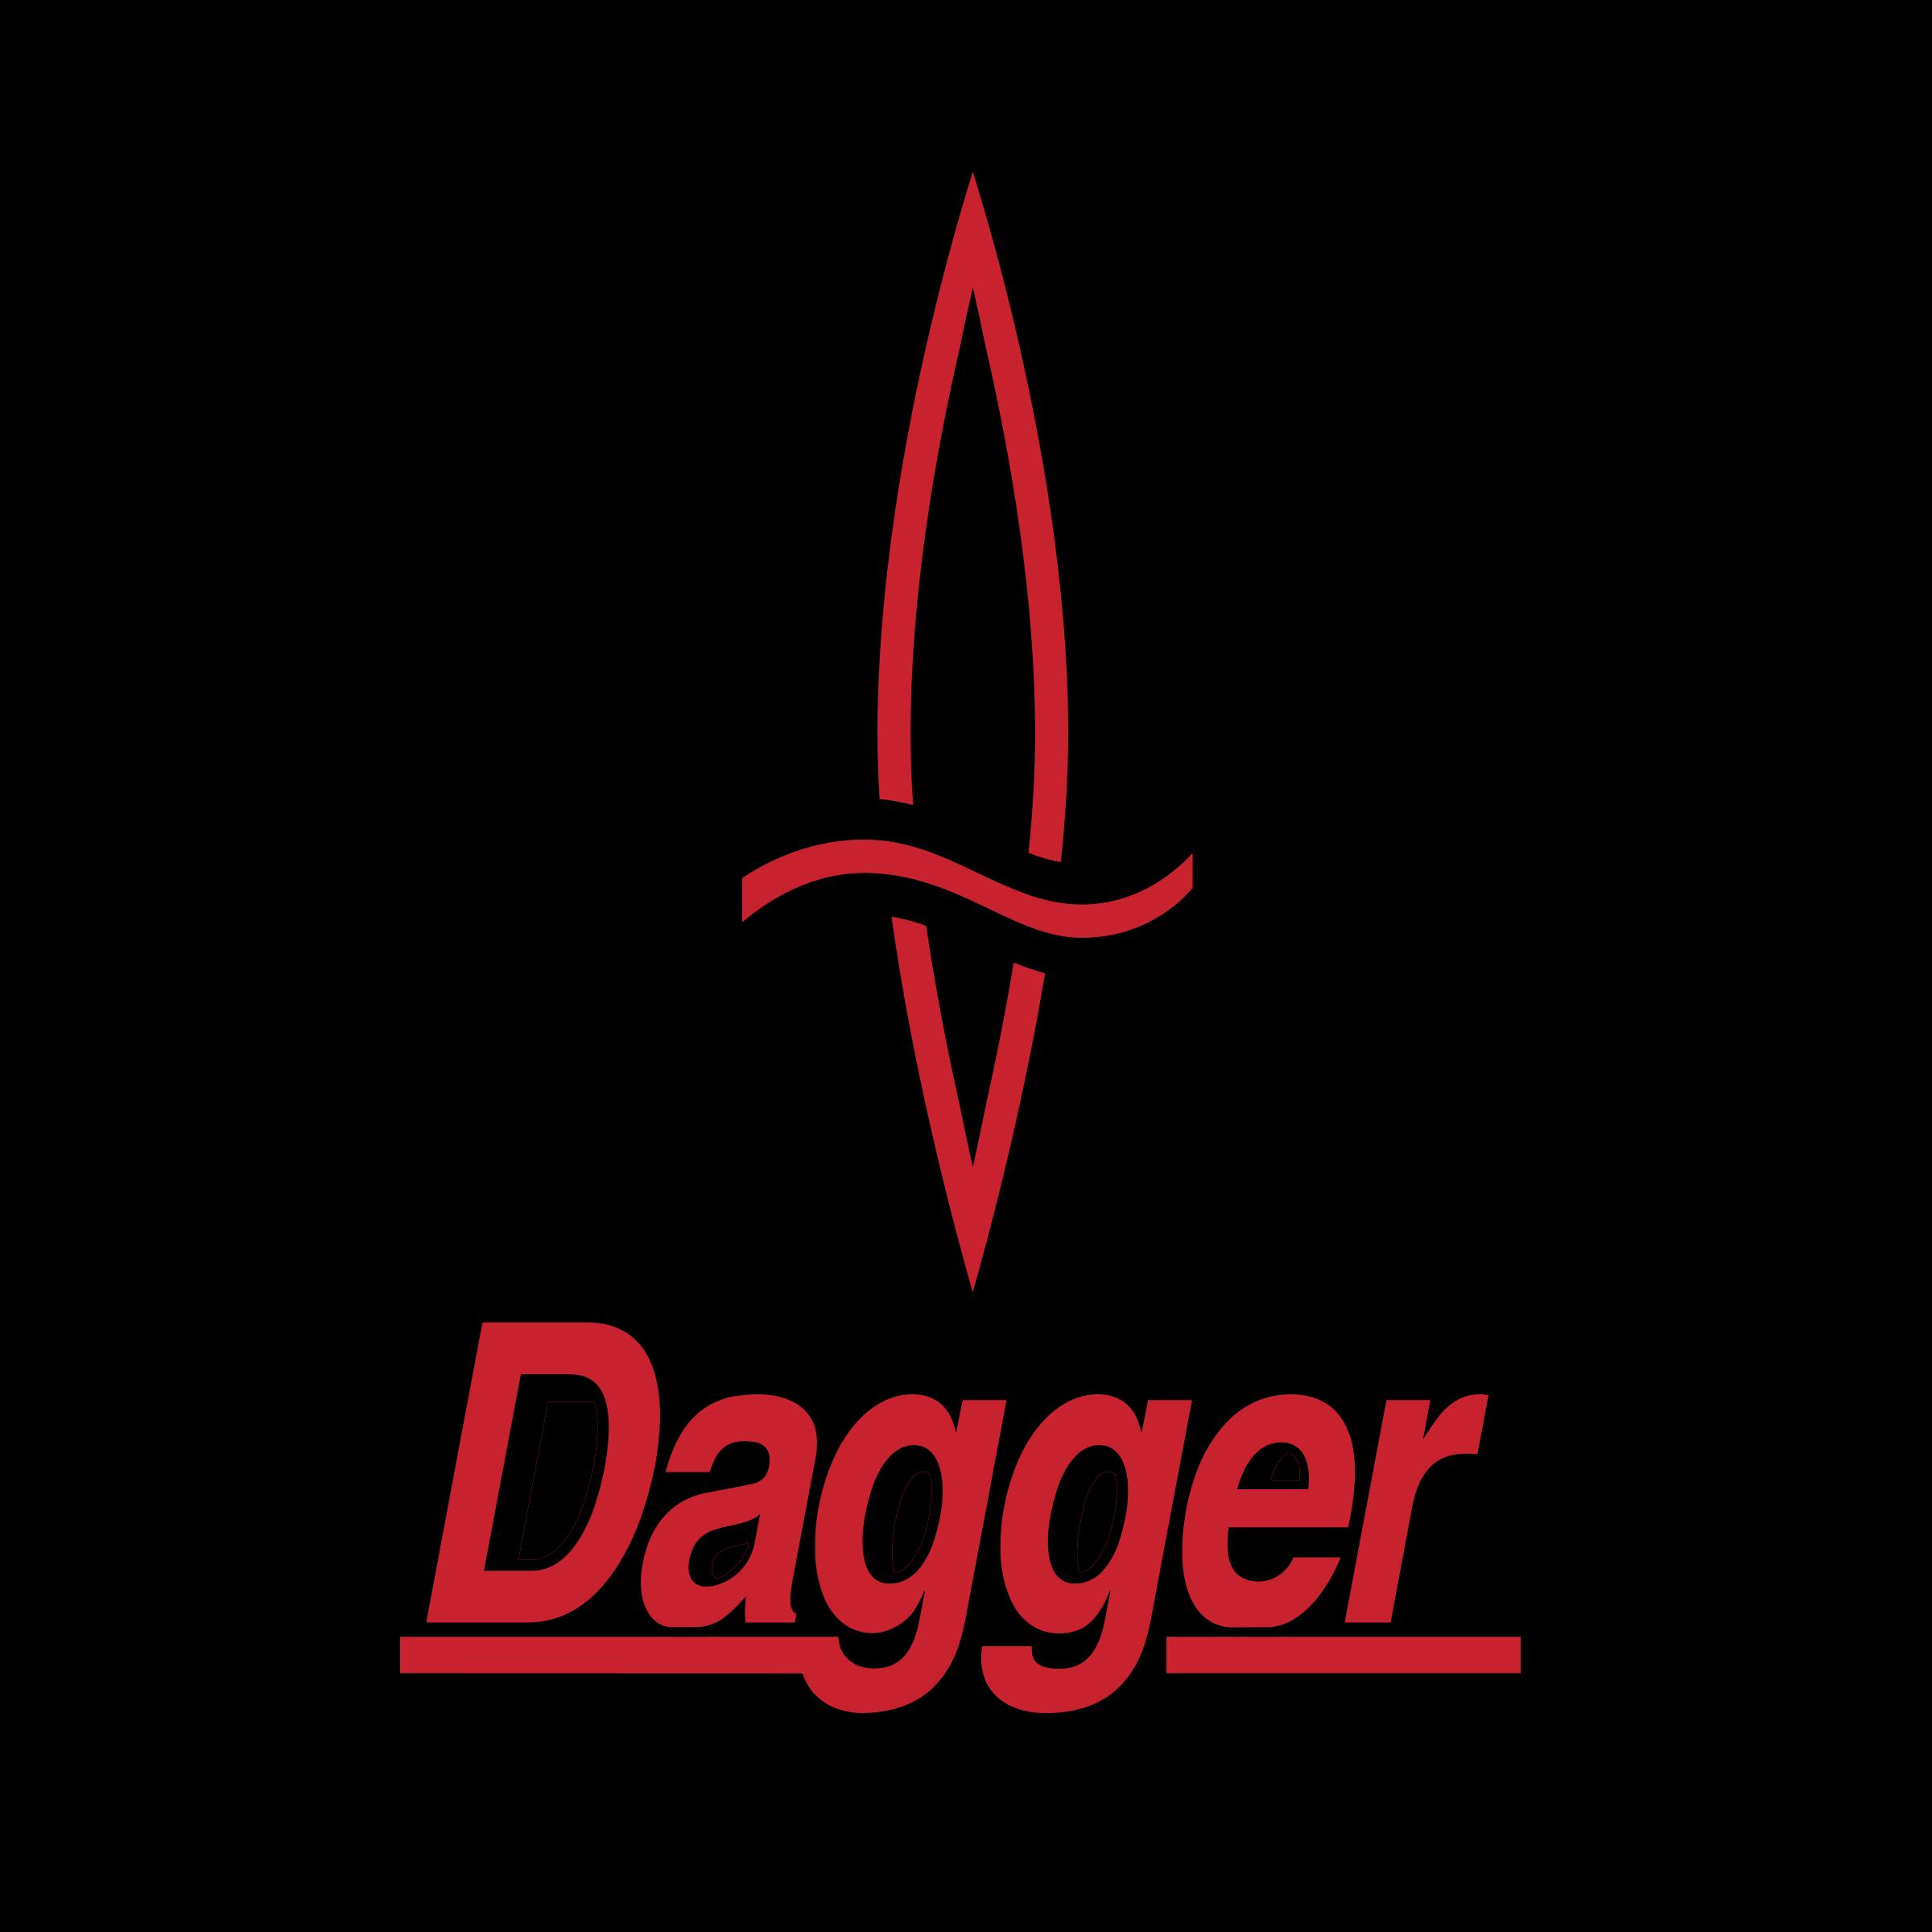 dagger-1-logo-png-transparent.png